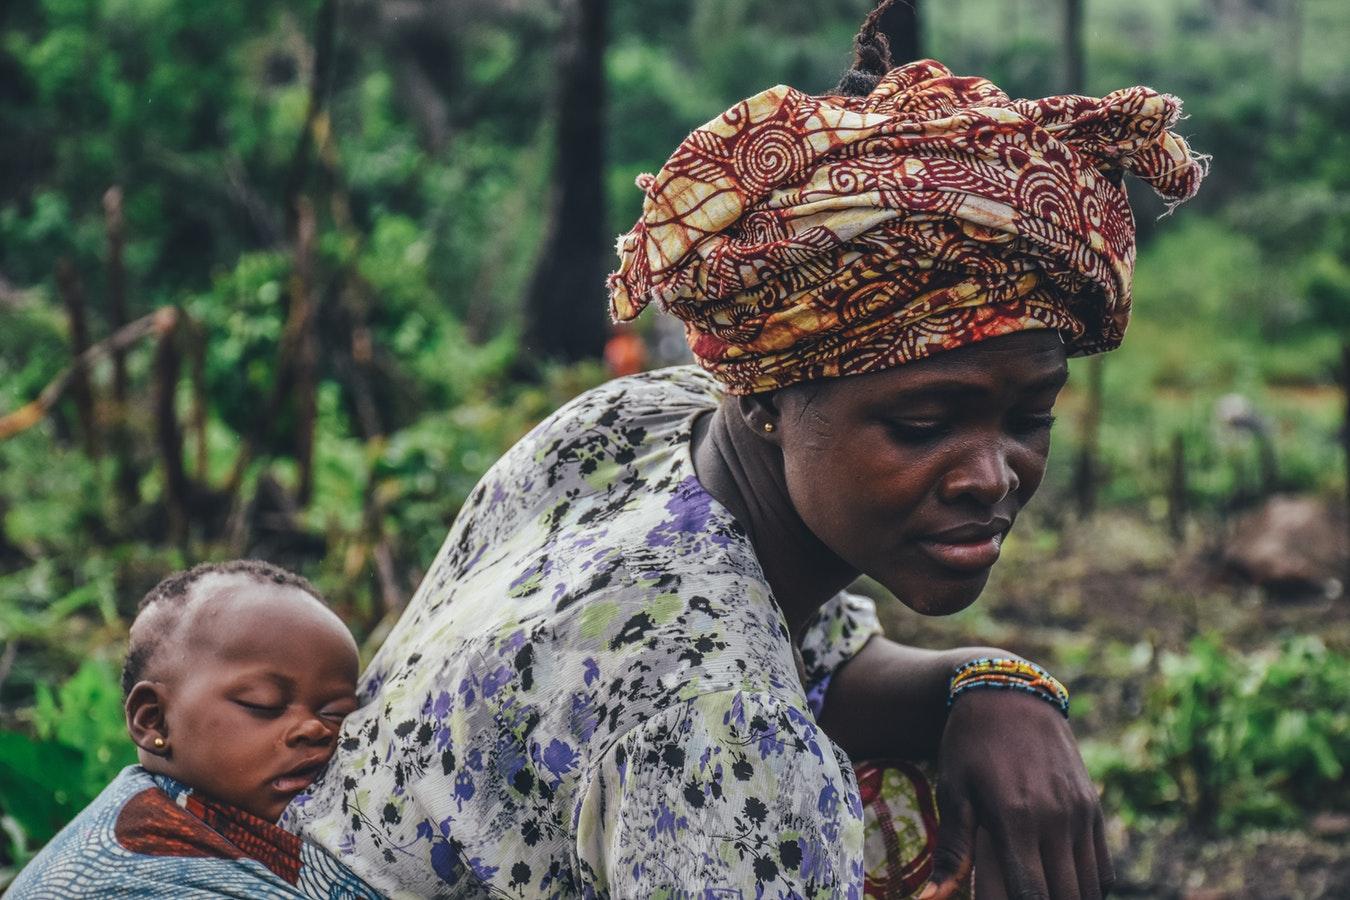 Woman Sierra leone